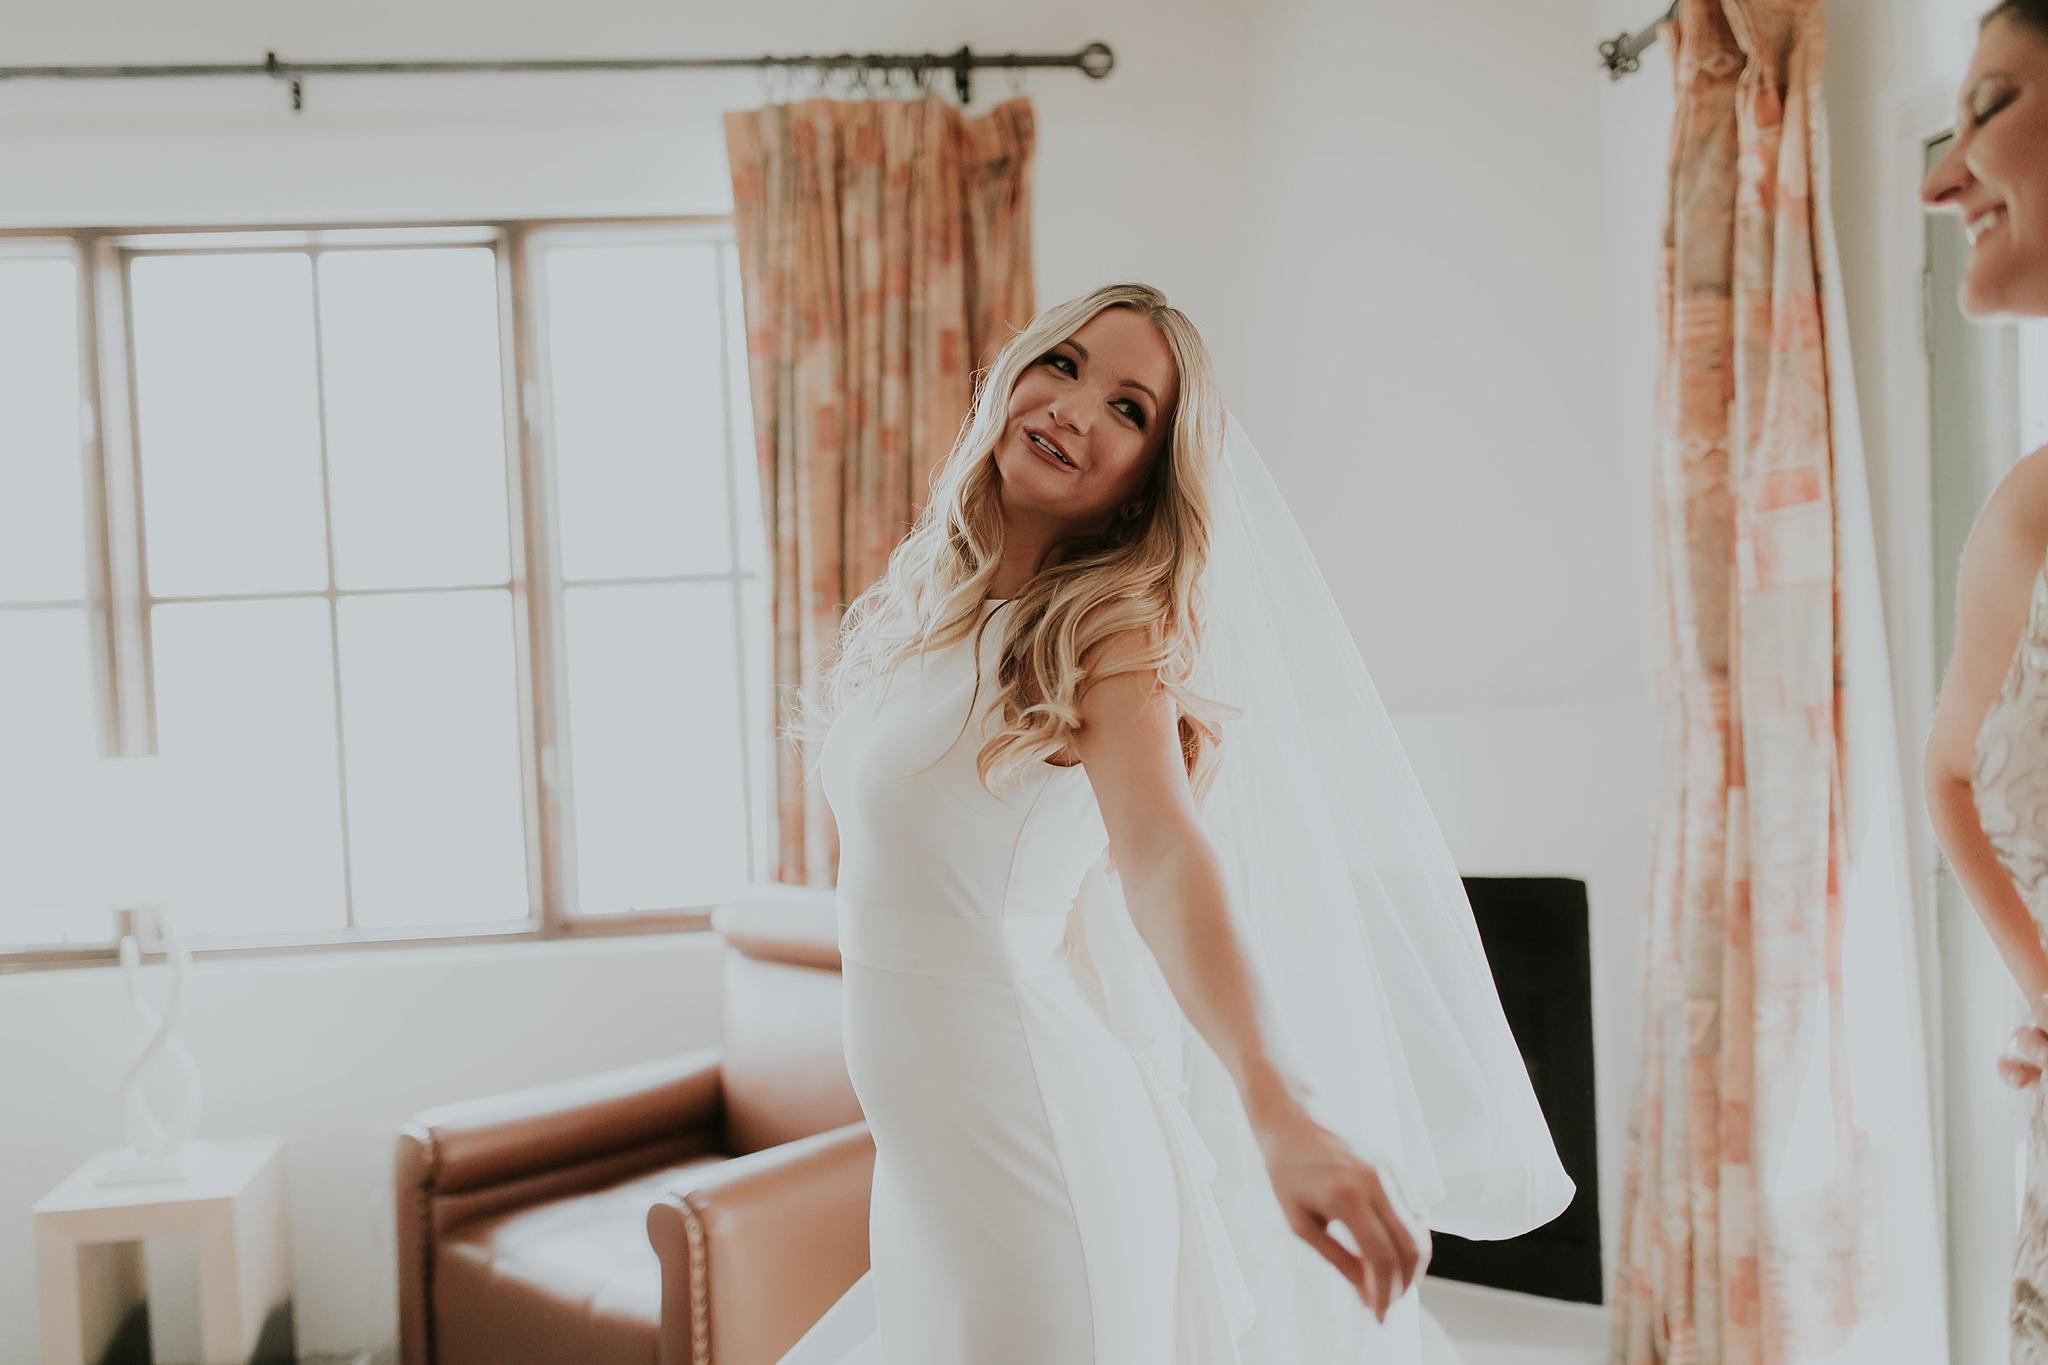 Alicia+lucia+photography+-+albuquerque+wedding+photographer+-+santa+fe+wedding+photography+-+new+mexico+wedding+photographer+-+new+mexico+wedding+-+wedding+makeup+-+makeup+artist+-+wedding+makeup+artist+-+bridal+makeup_0064.jpg